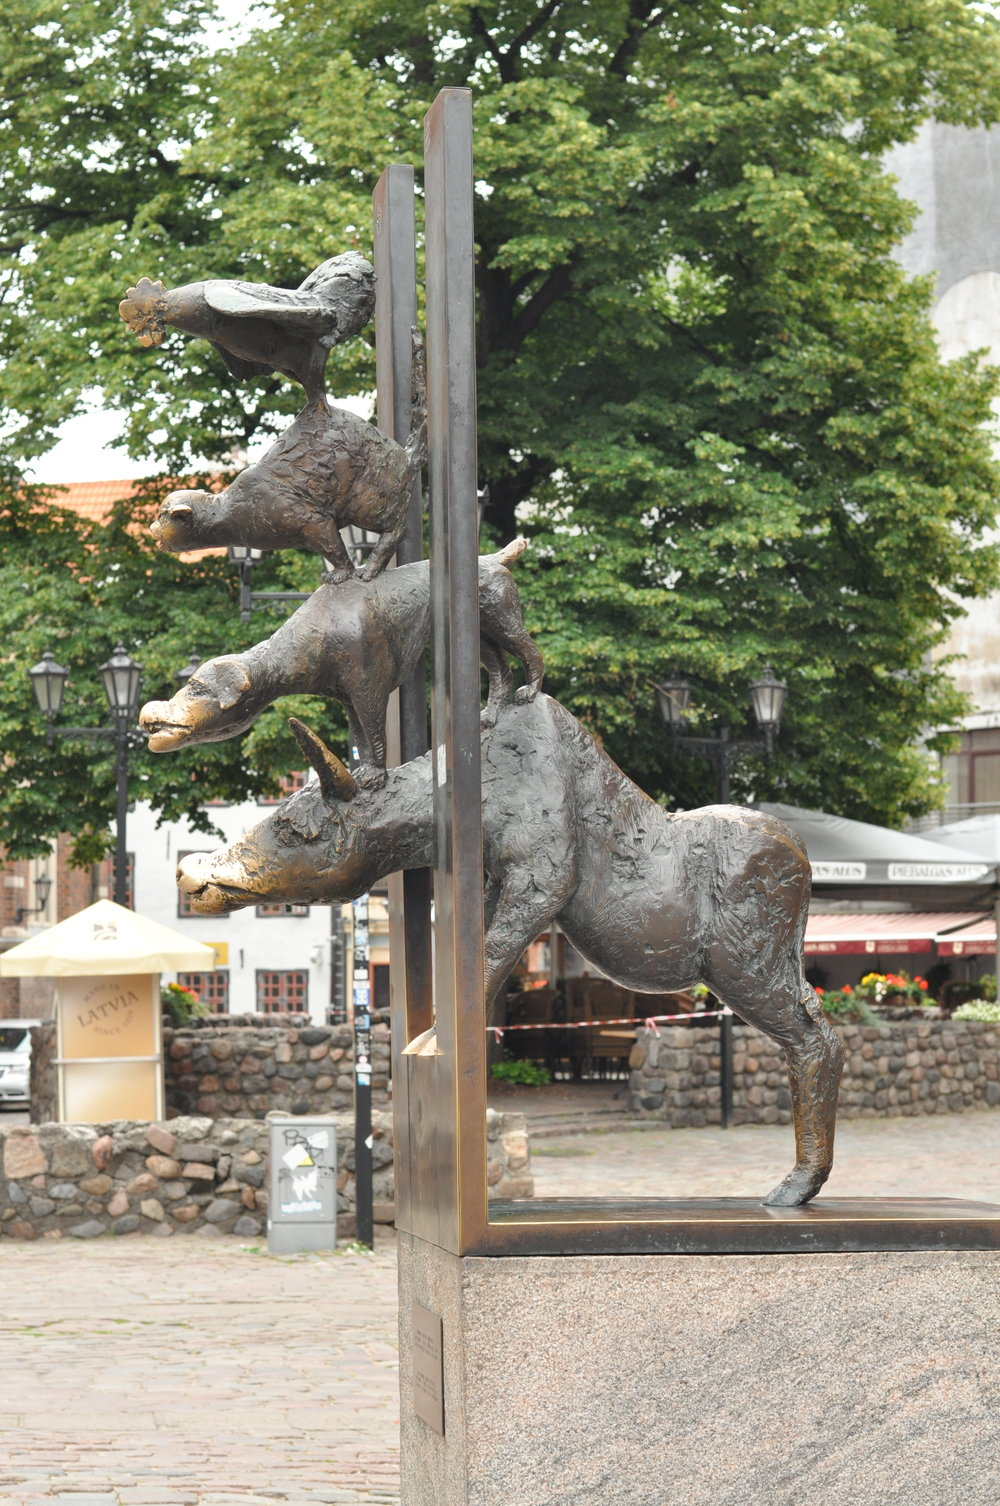 Bremen Town Musicians Statue in Riga, Latvia